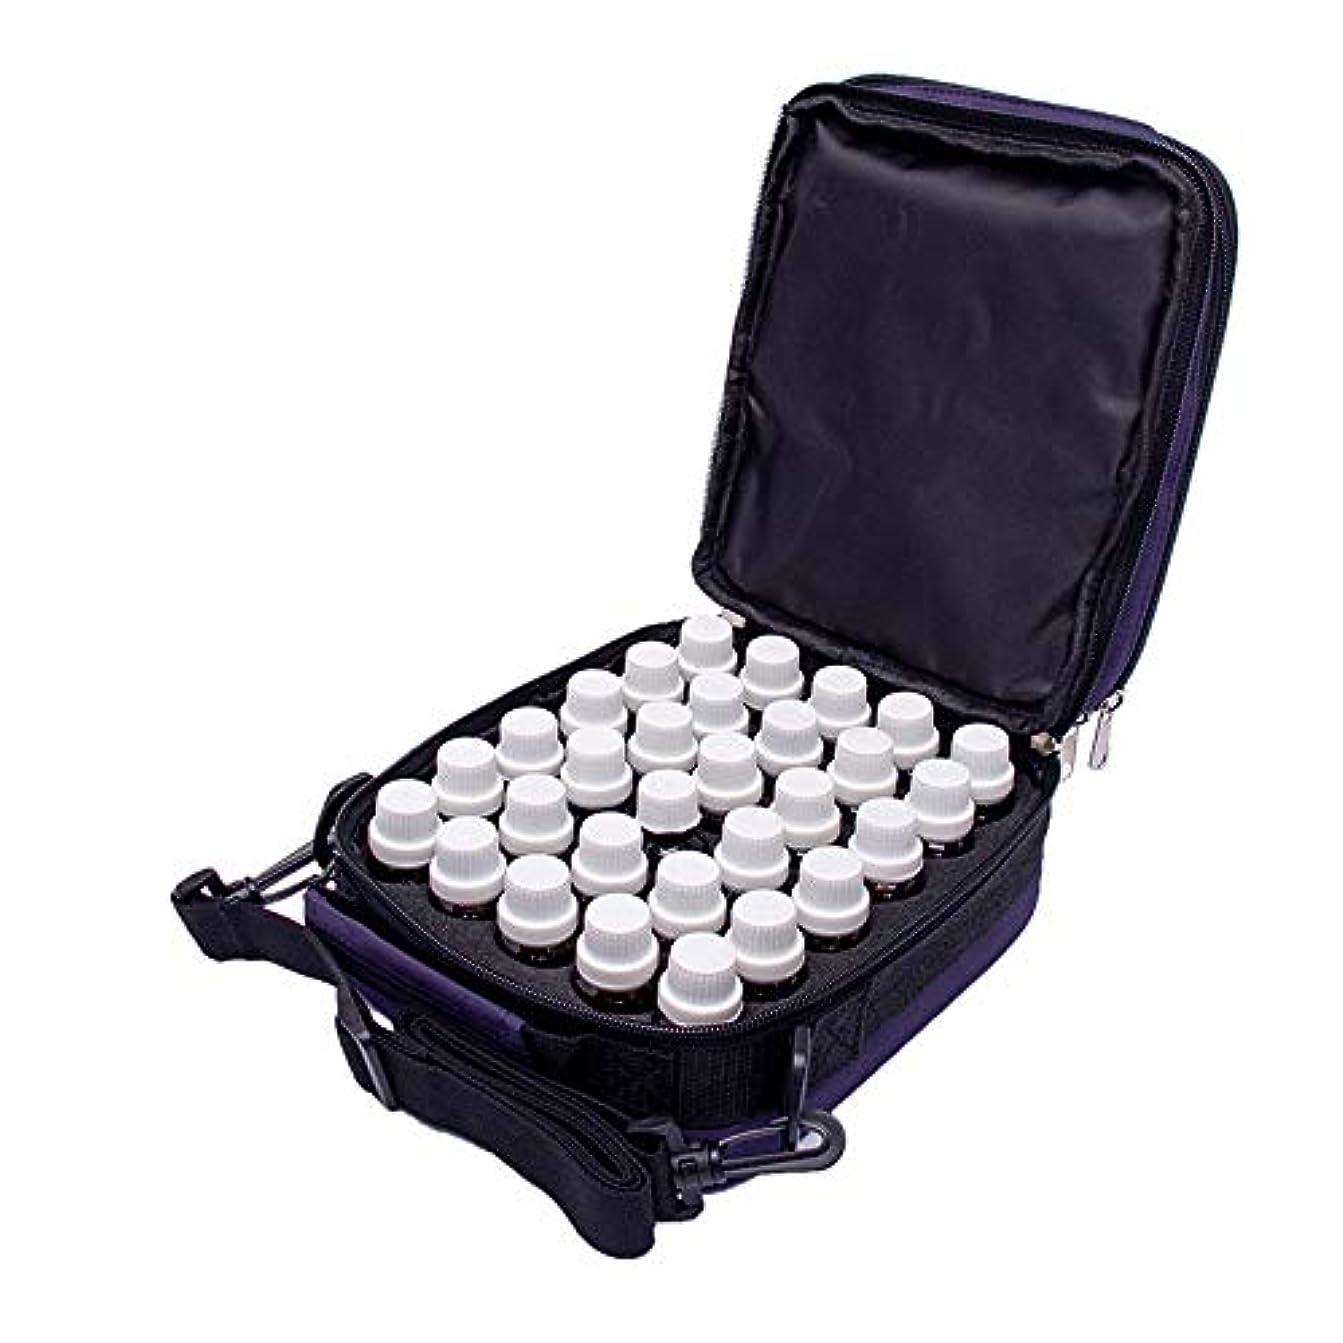 ベルジャンピングジャックエッセンシャルオイルストレージボックス 5?10mlのバイアルパープルボトル用ケーストートバッグキャリング42ボトルエッセンシャルオイルディフューザー 旅行およびプレゼンテーション用 (色 : 紫の, サイズ : 18X13X21CM)